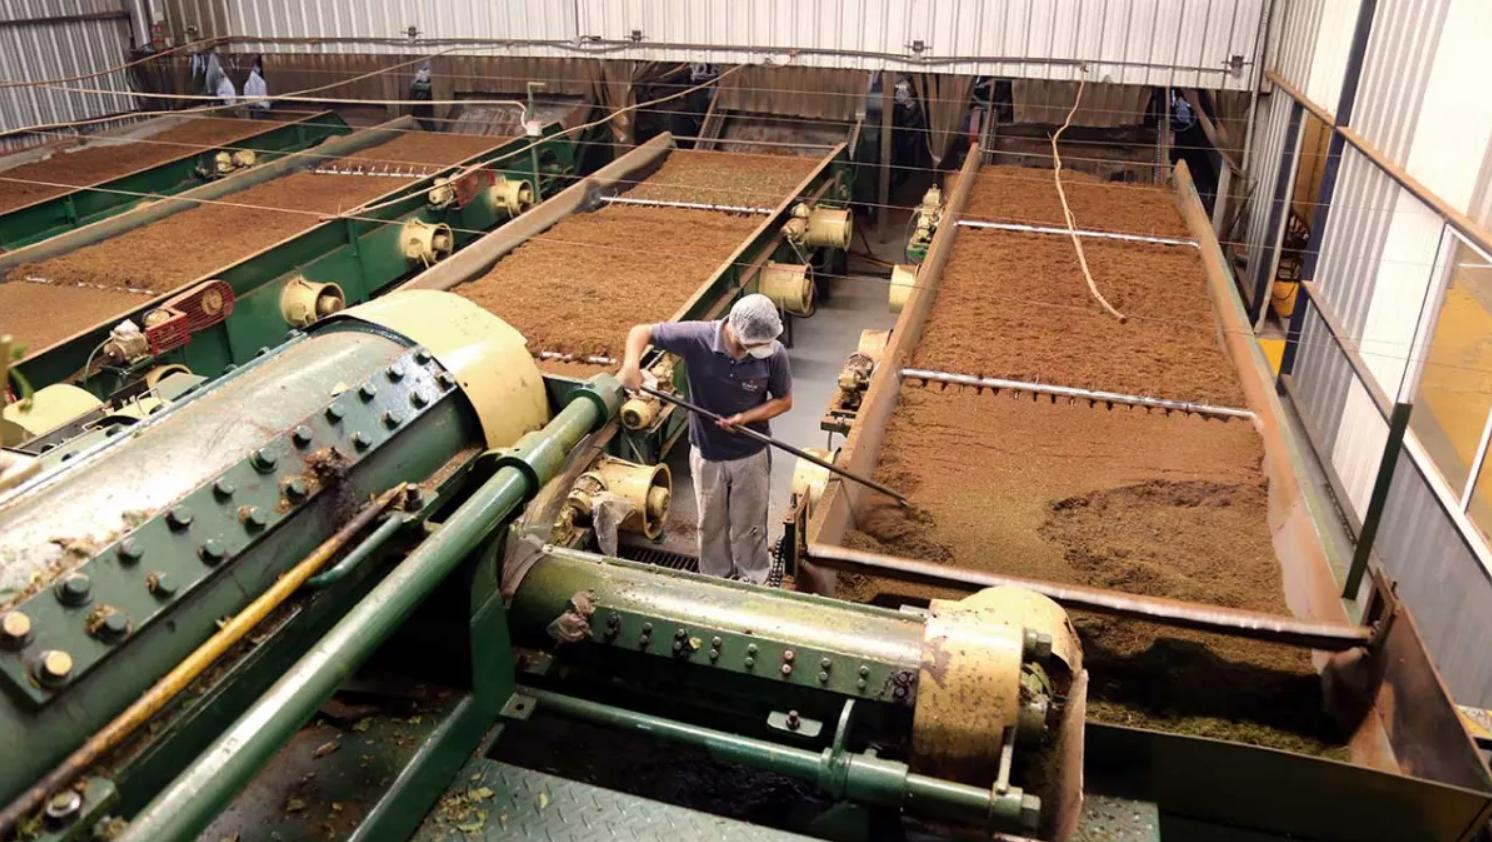 El té misionero se posiciona en el mundo con agregado de valor e industria de calidad